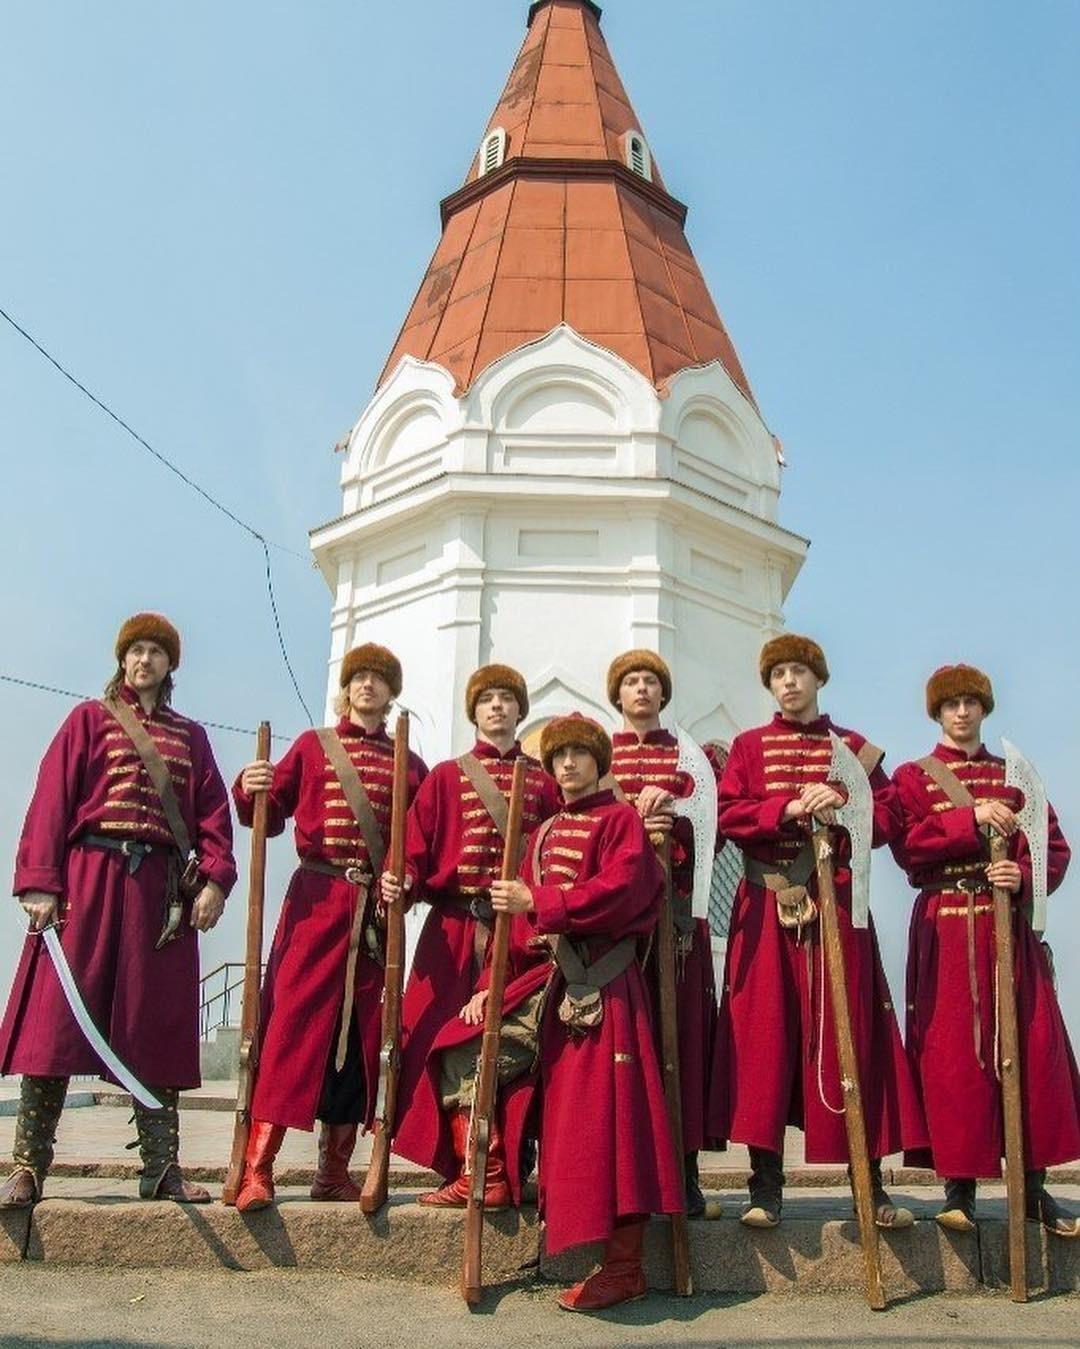 Самая узнаваемая достопримечательность города. Даже если ты небыла вКрасноярске, то точно видела эту восьмигранную башню-часовню: именно она изображена накупюре. Незабудь взять ссобо...